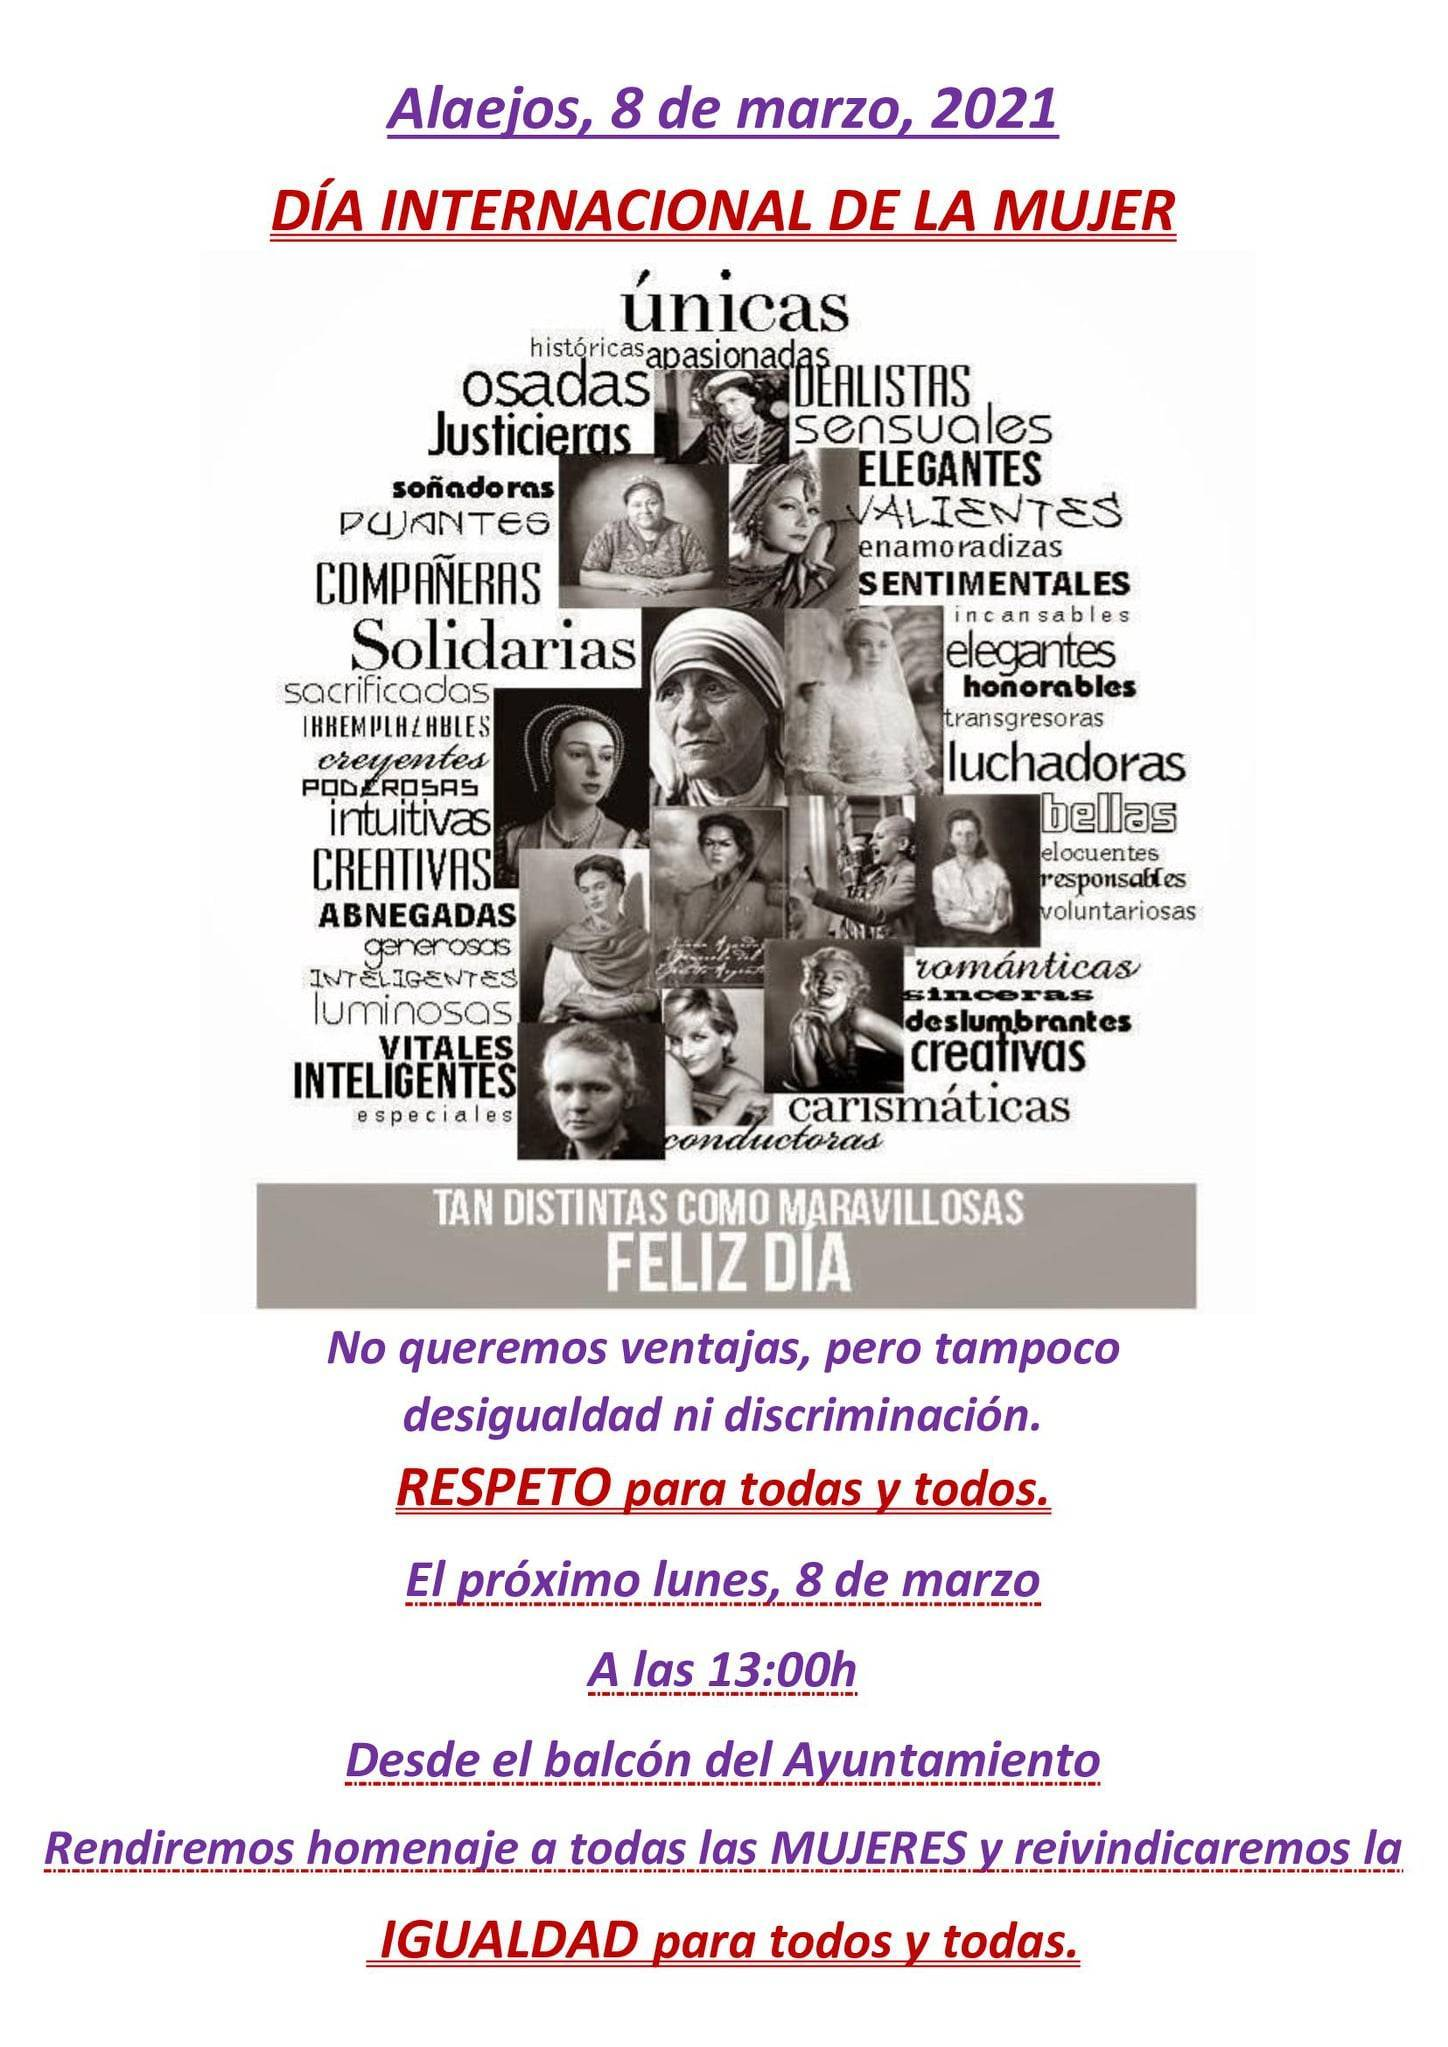 Día Internacional de la Mujer (2021) - Alaejos (Valladolid)